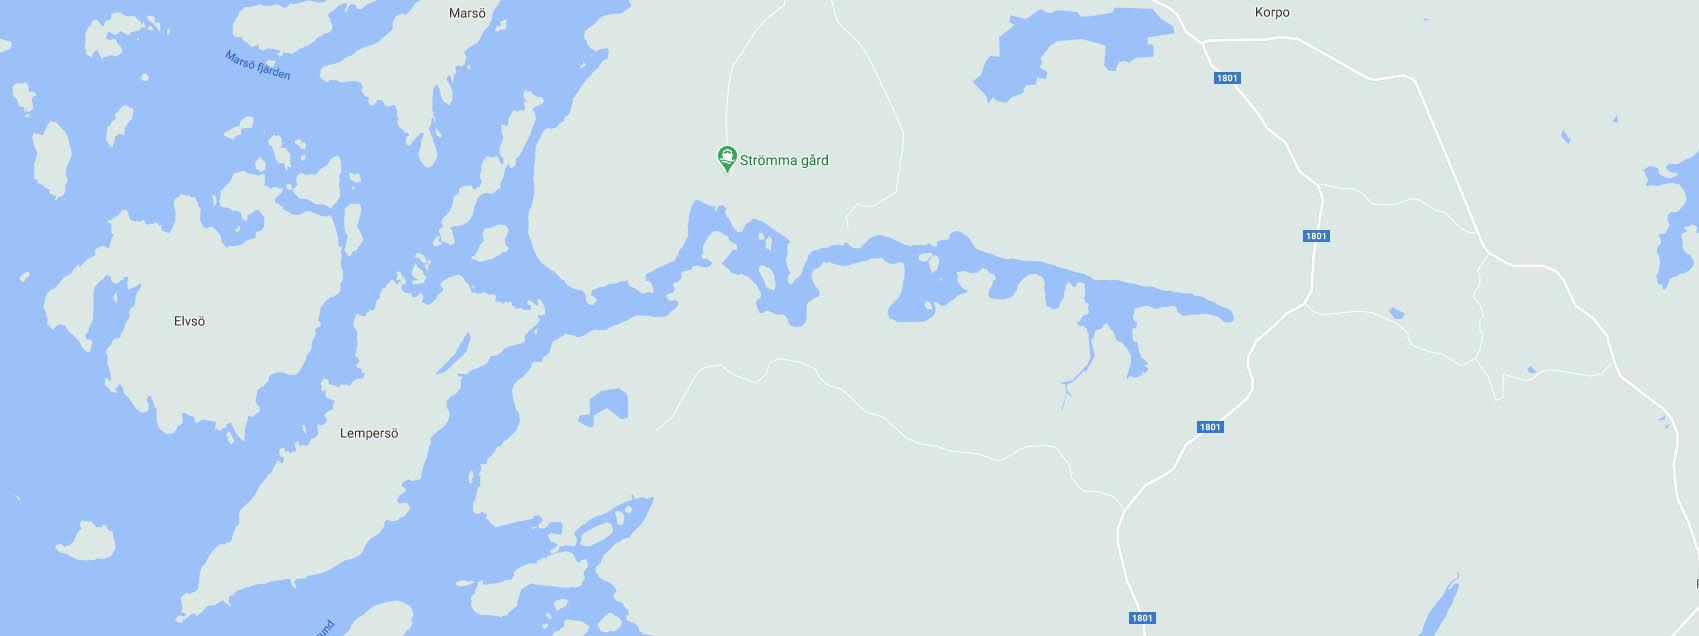 Strömma Gård båthamn långviken korpo